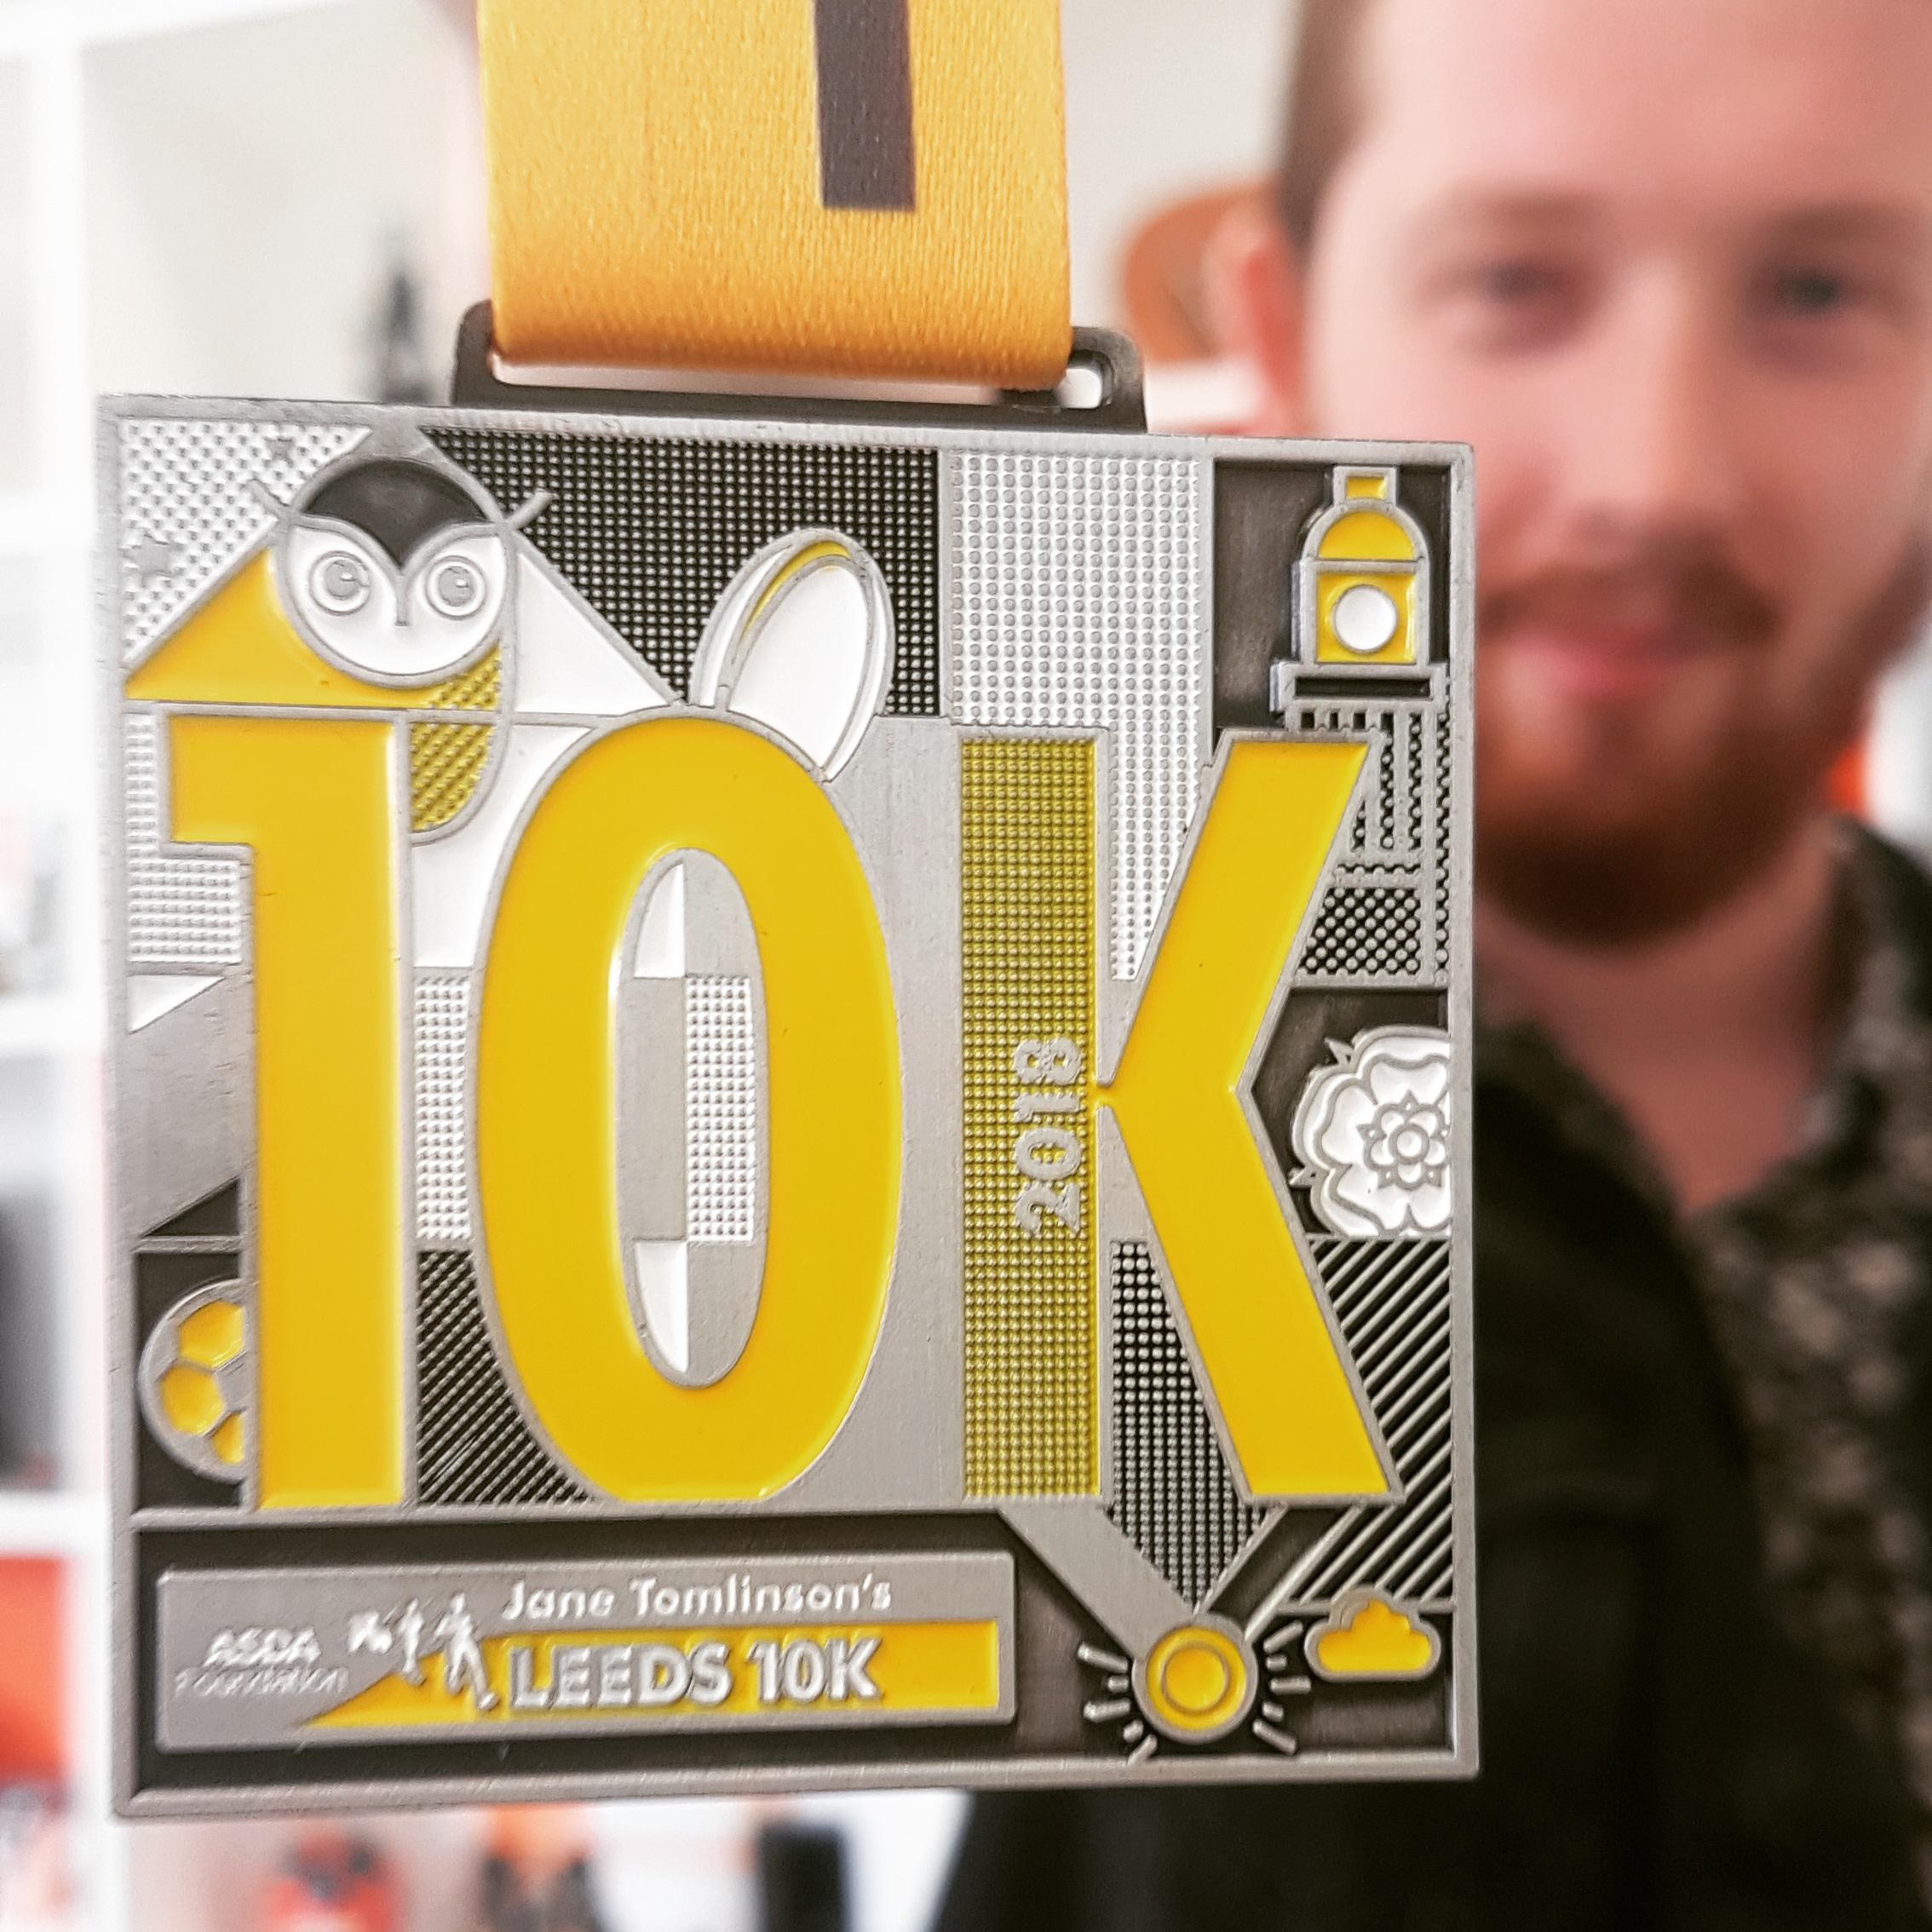 Leeds 10k medal